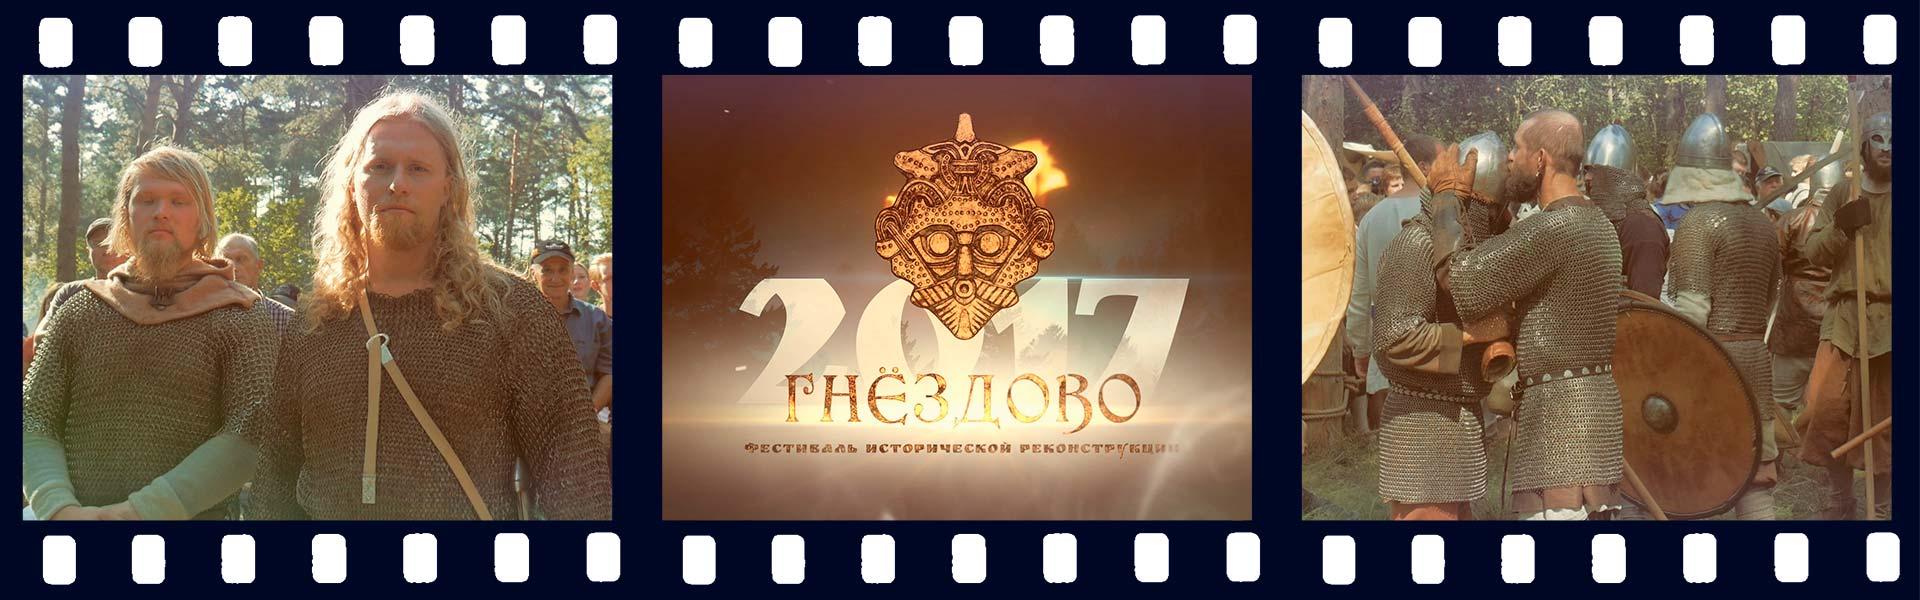 """Фестиваль исторической реконструкции """"Гнездово 2017"""""""